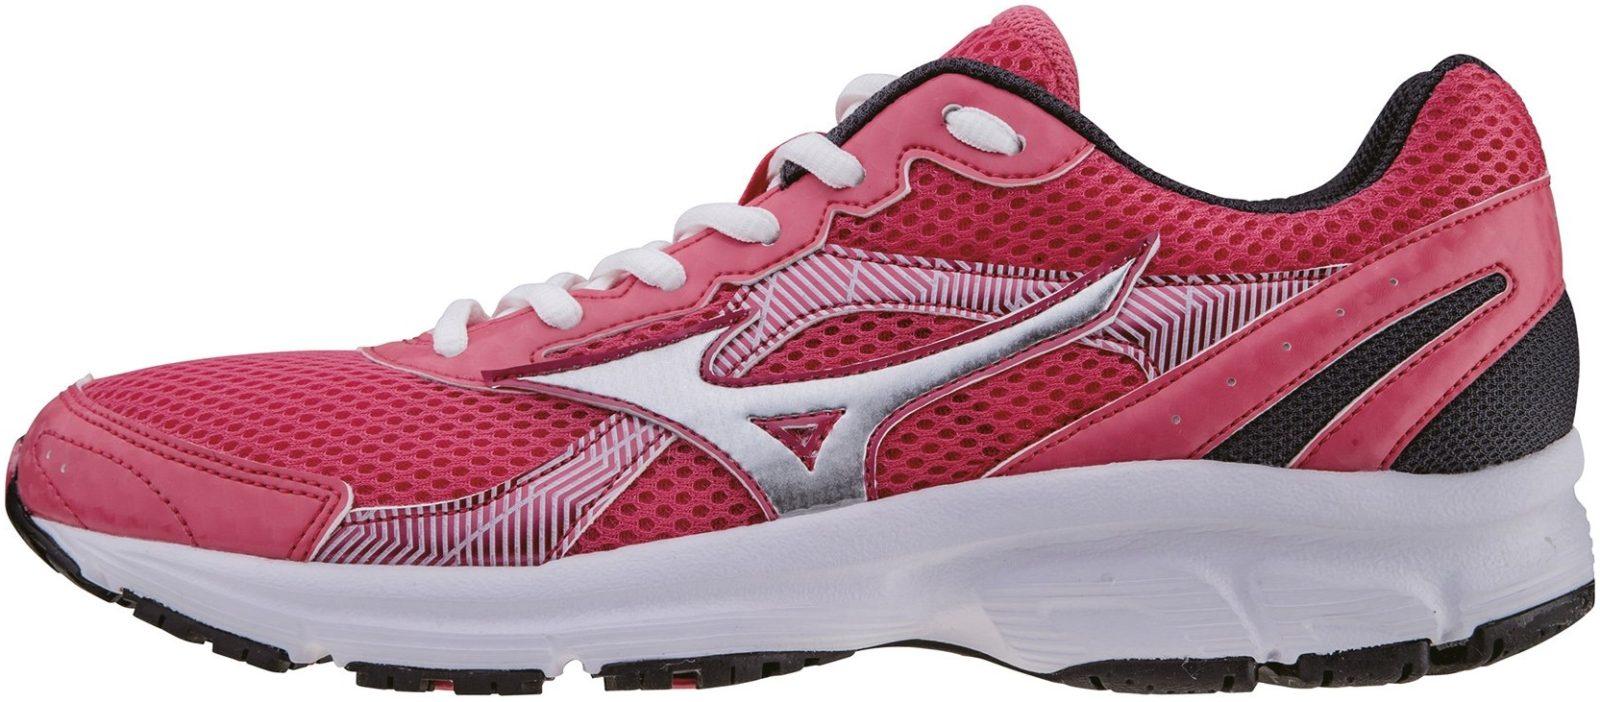 mizuno crusader 6 running shoes